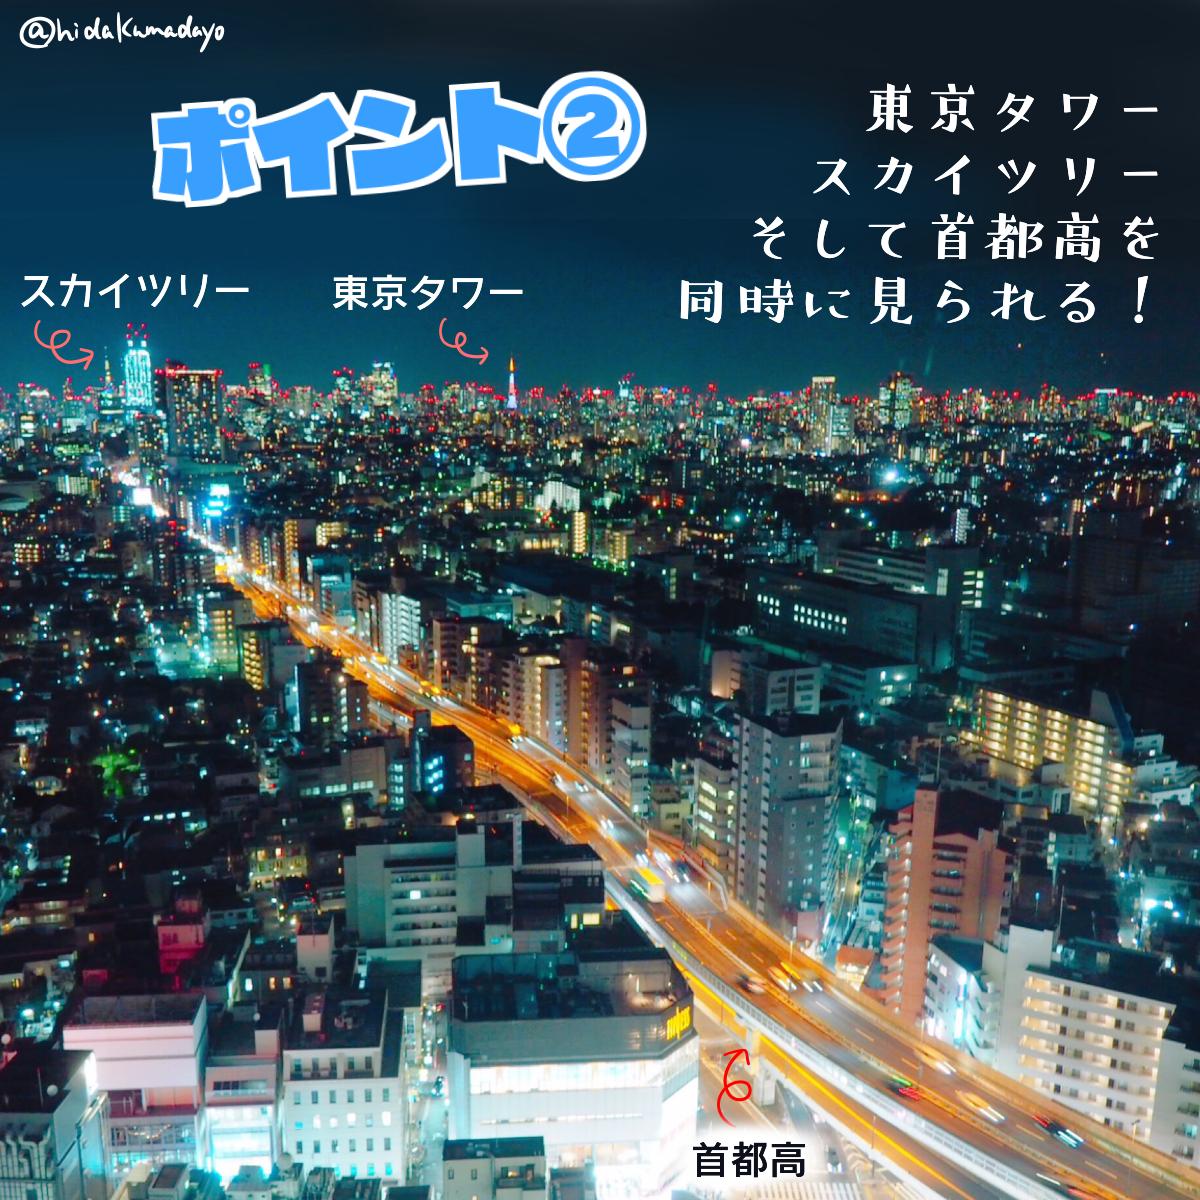 f:id:hidakumadayo:20190405211326p:plain